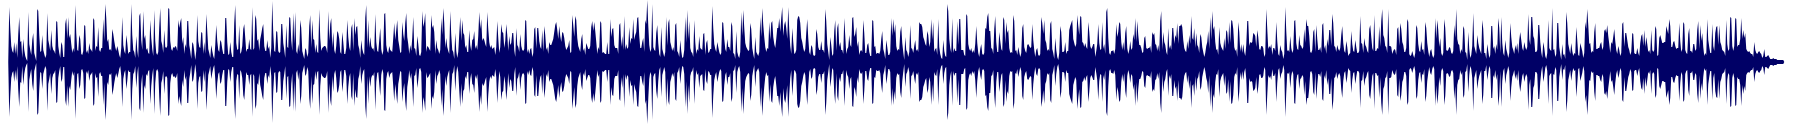 waveform of track #68066